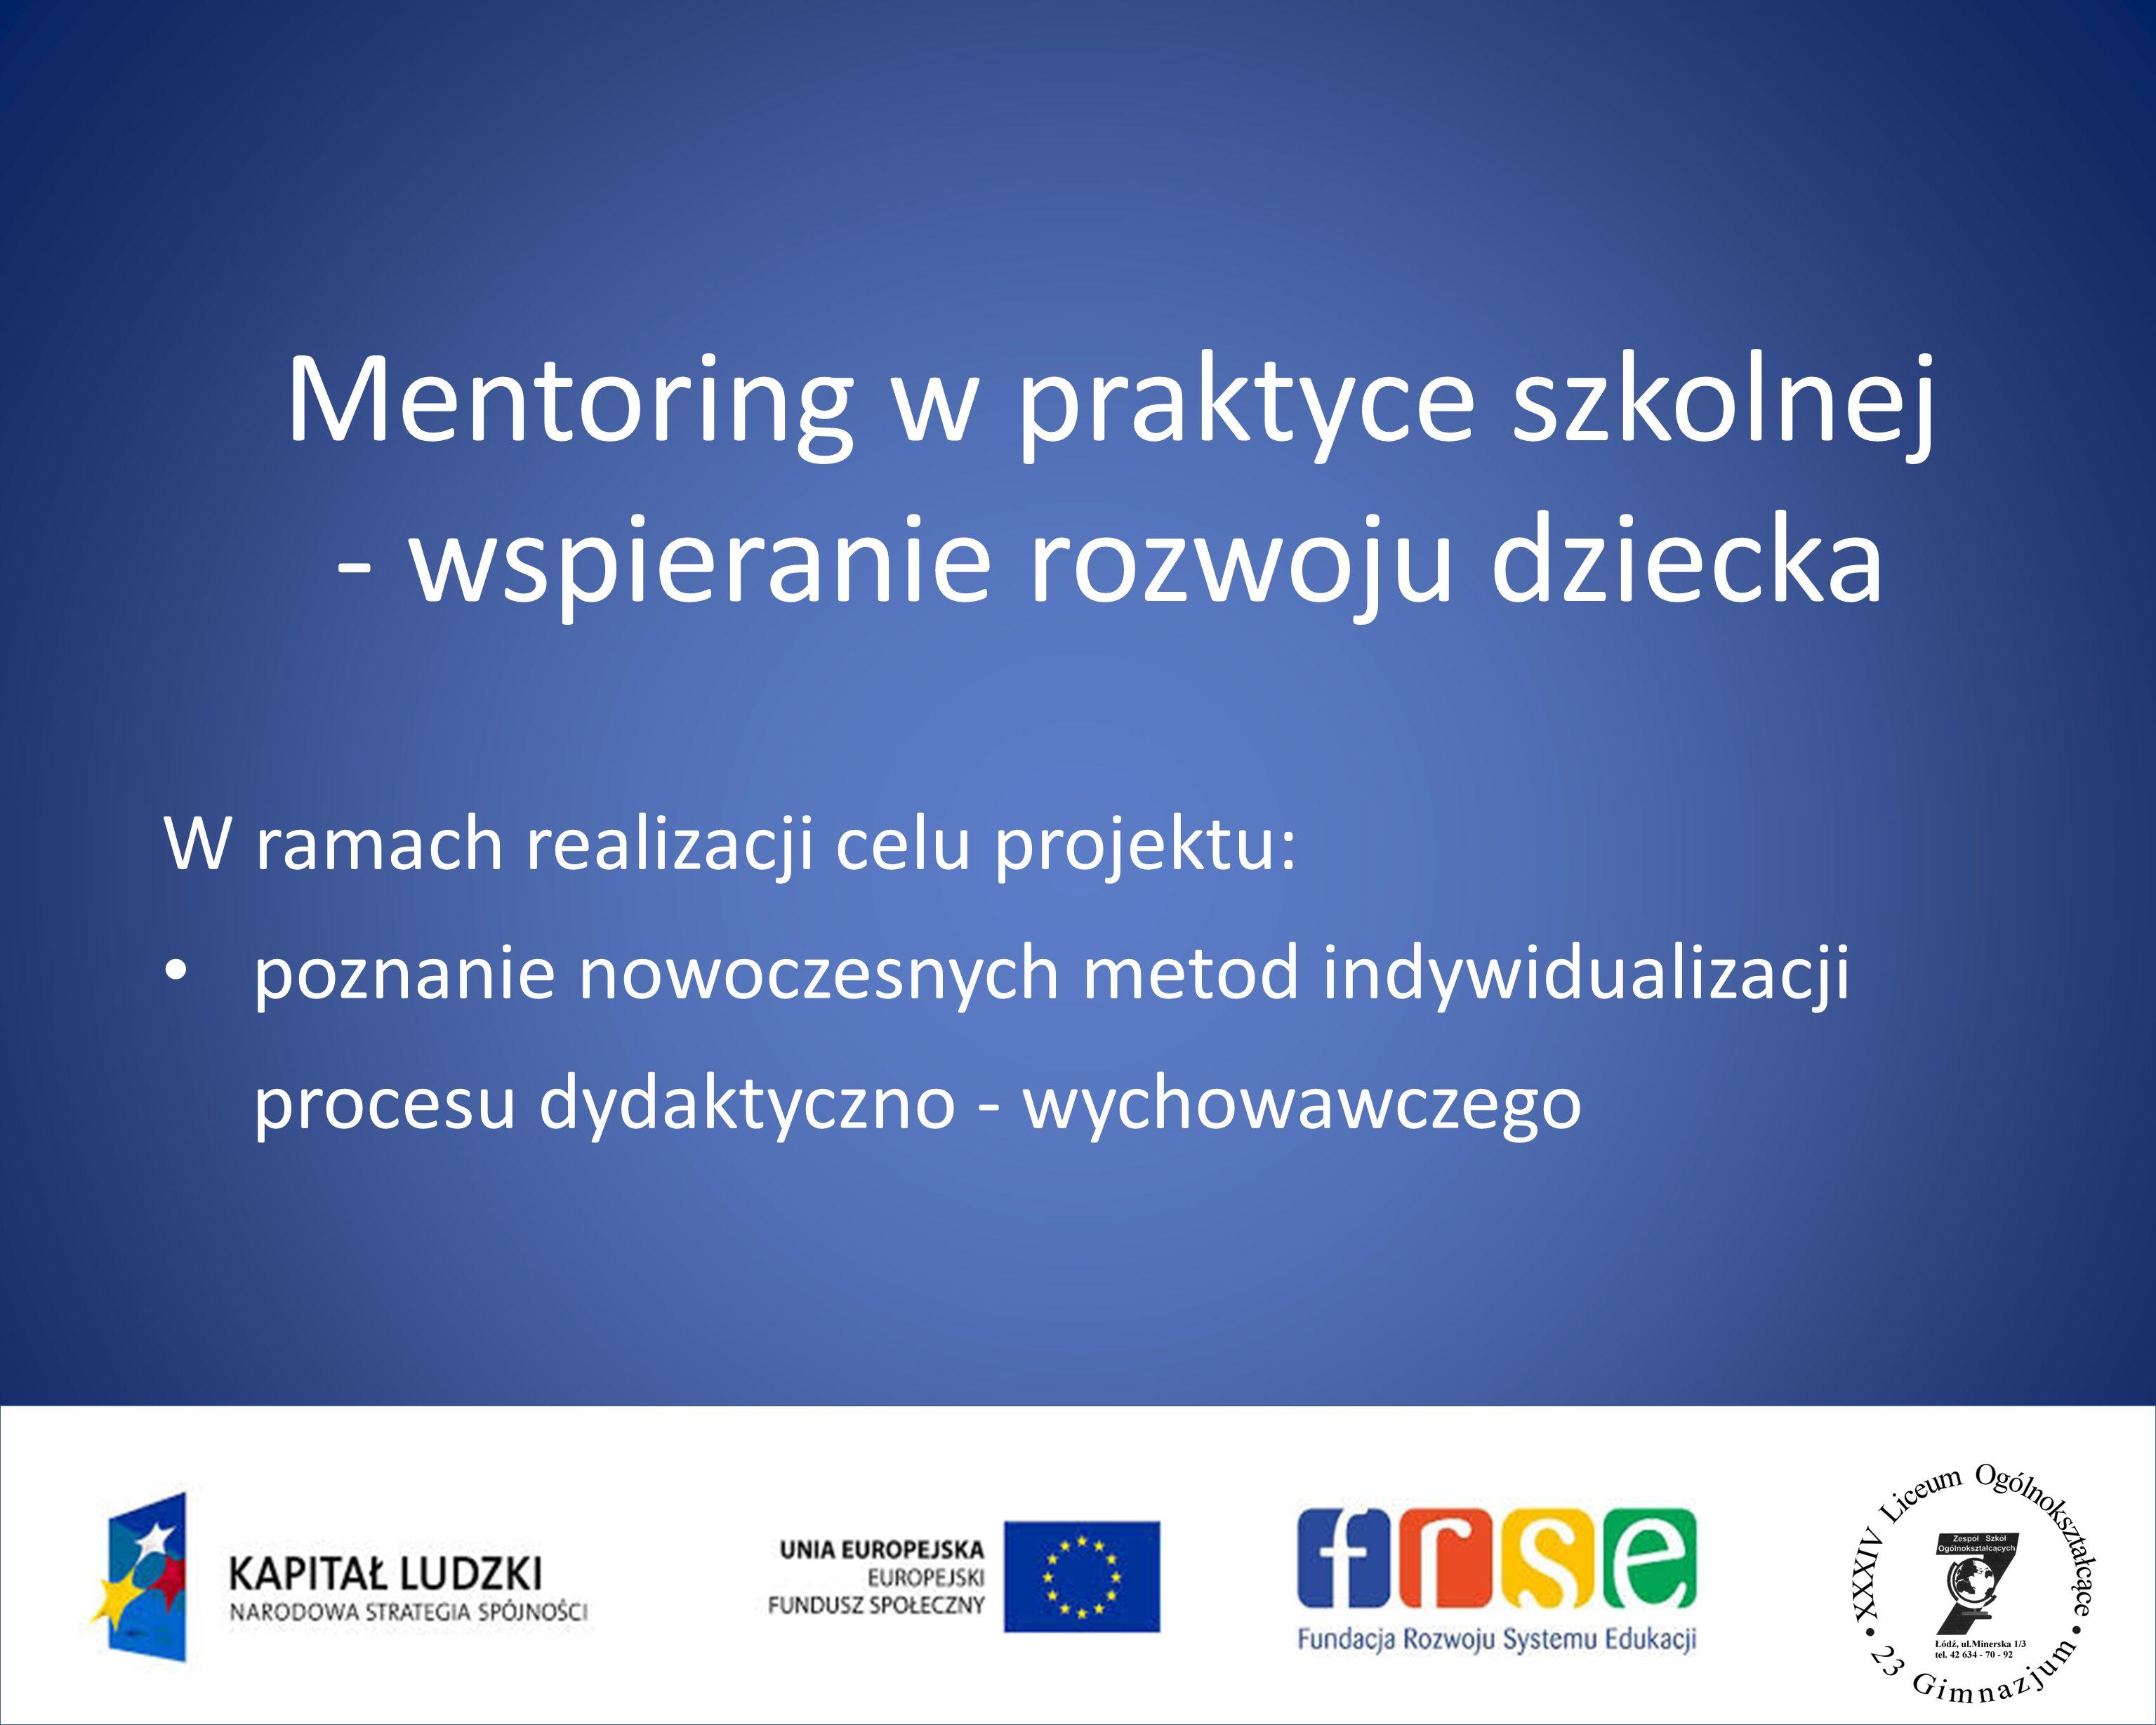 Mentoring w praktyce szkolnej - wspieranie rozwoju dziecka W ramach realizacji celu projektu: poznanie nowoczesnych metod indywidualizacji procesu dydaktyczno - wychowawczego